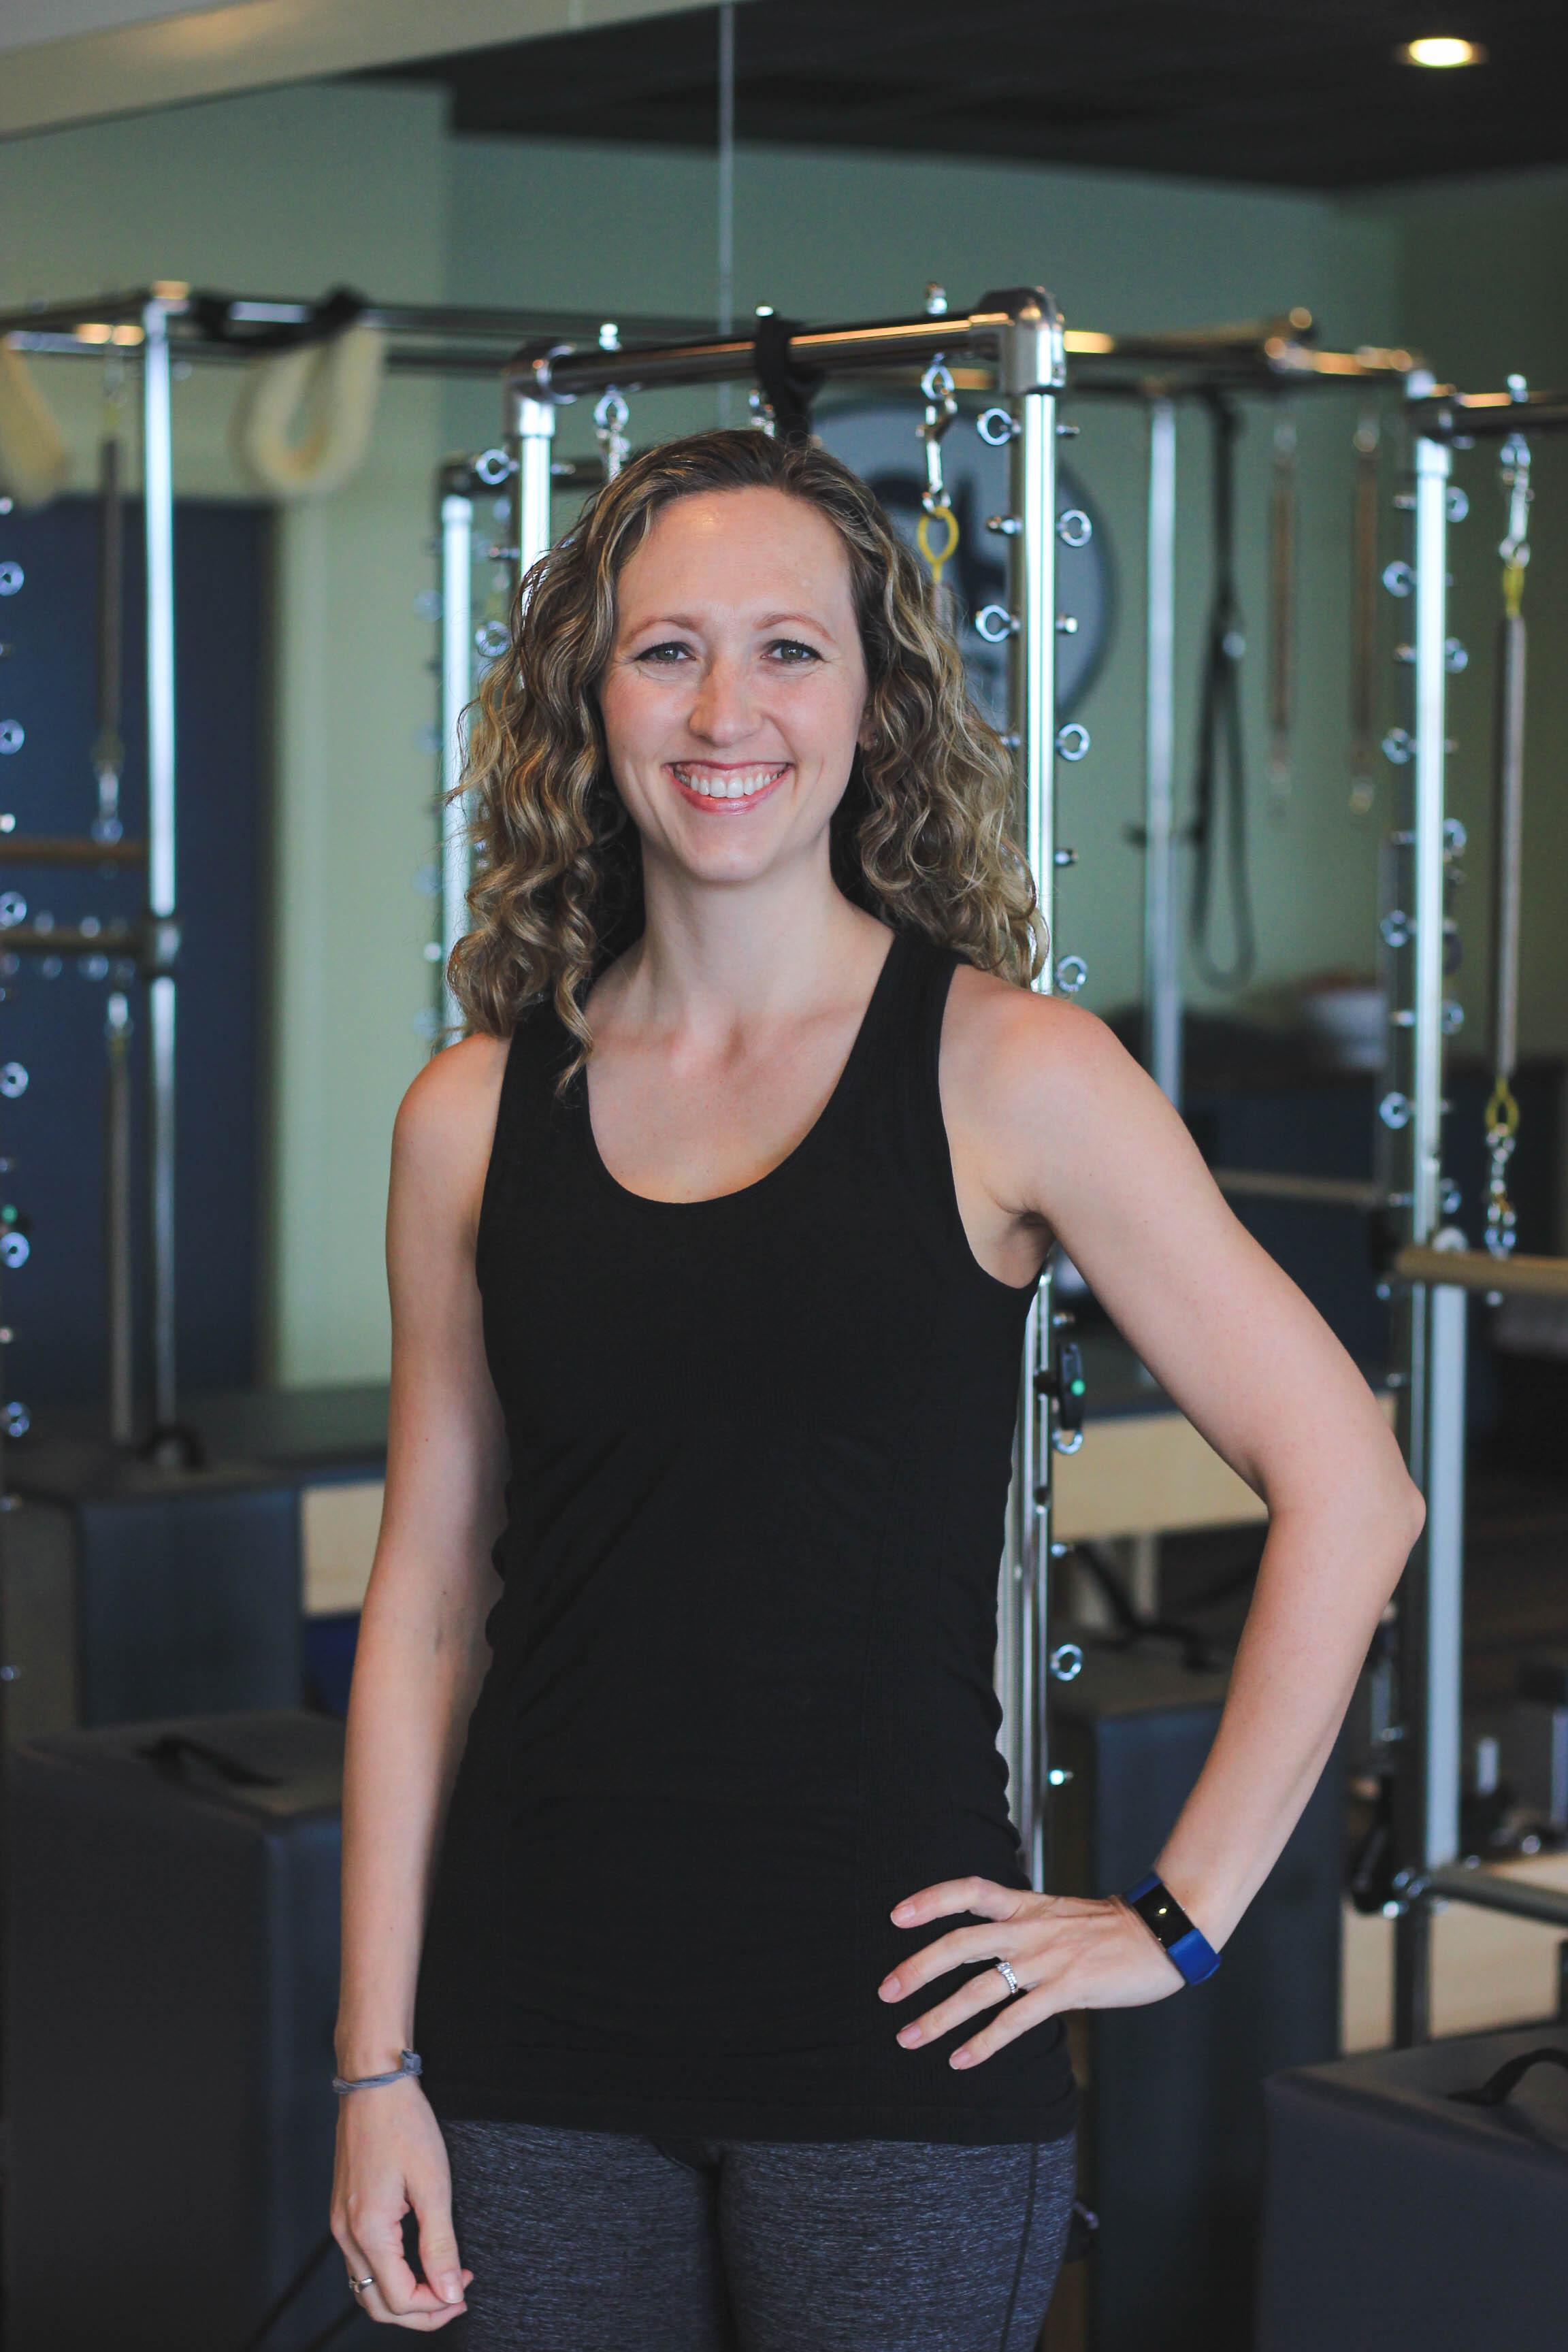 Barre in mechanicsburg meet our instructors h2l barre instructors meet adrienne pilates classes xflitez Gallery